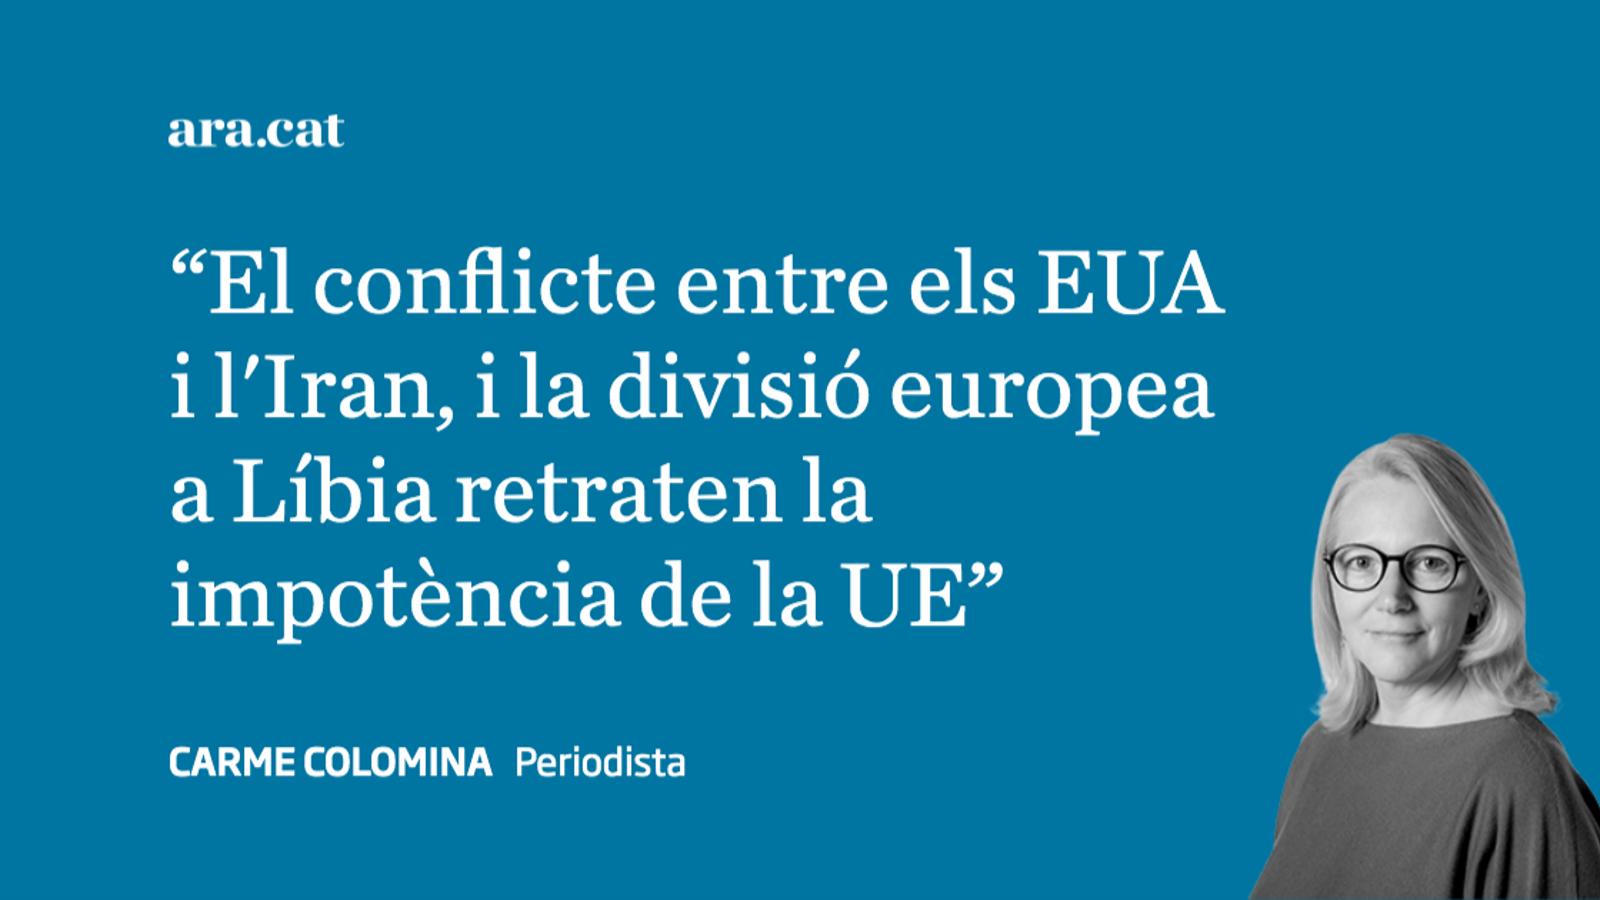 La debilitat  Exterior de la UE